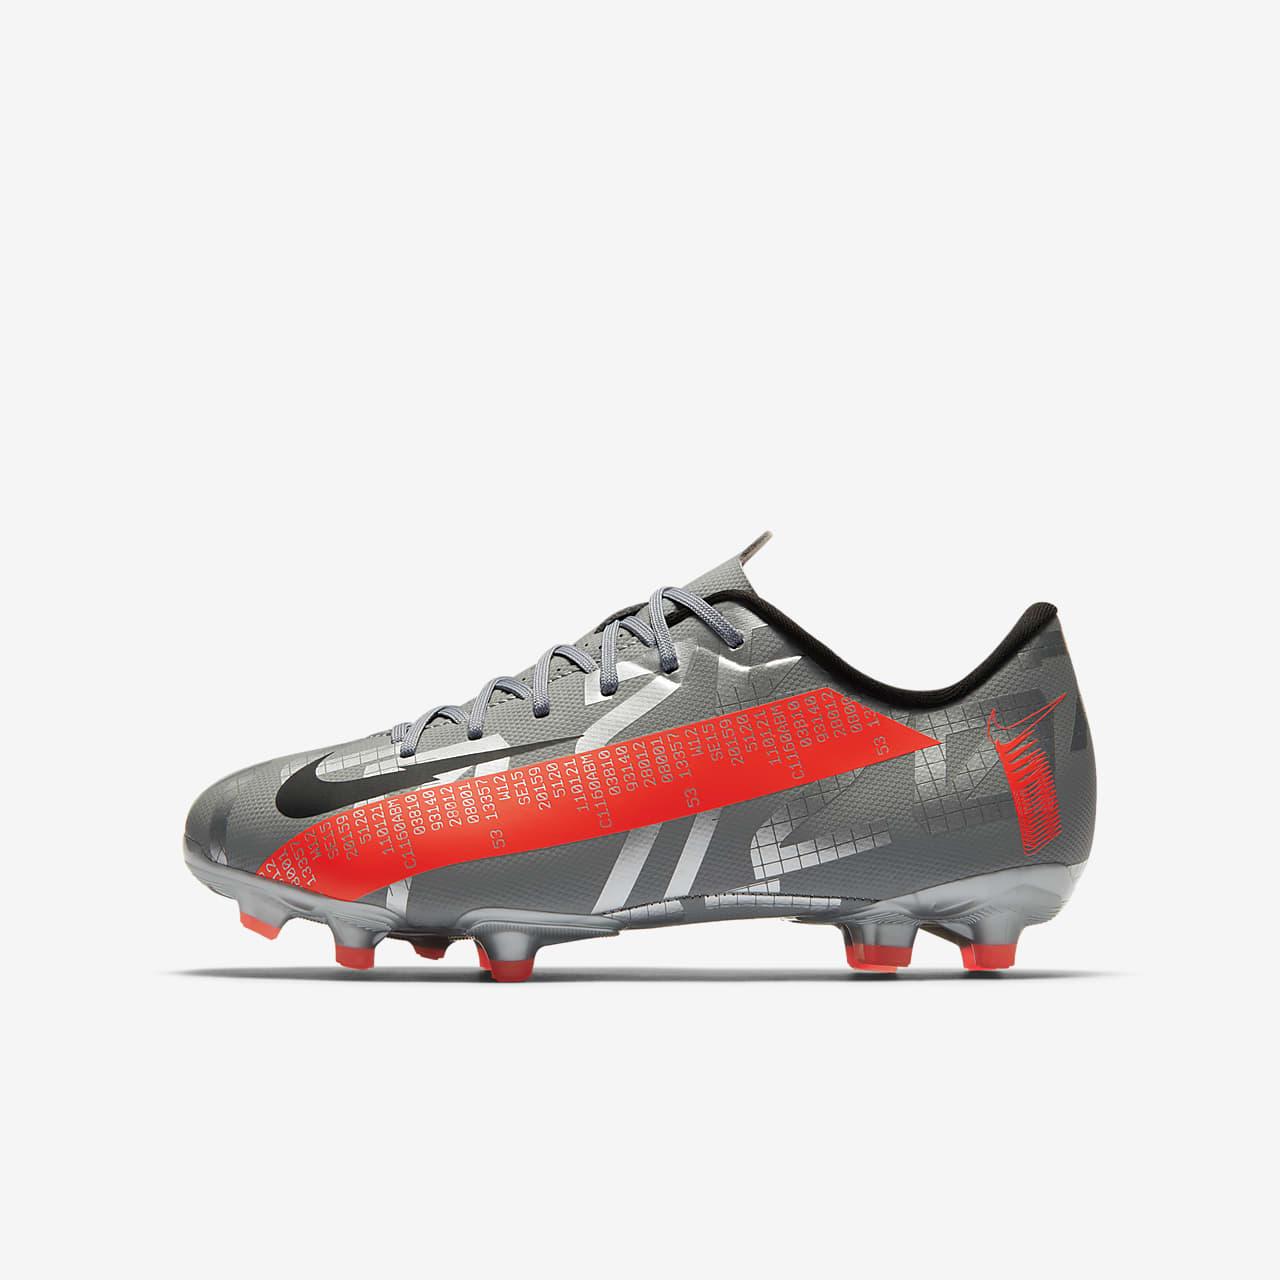 Scarpa da calcio multiterreno Nike Jr. Mercurial Vapor 13 Academy MG - Bambini